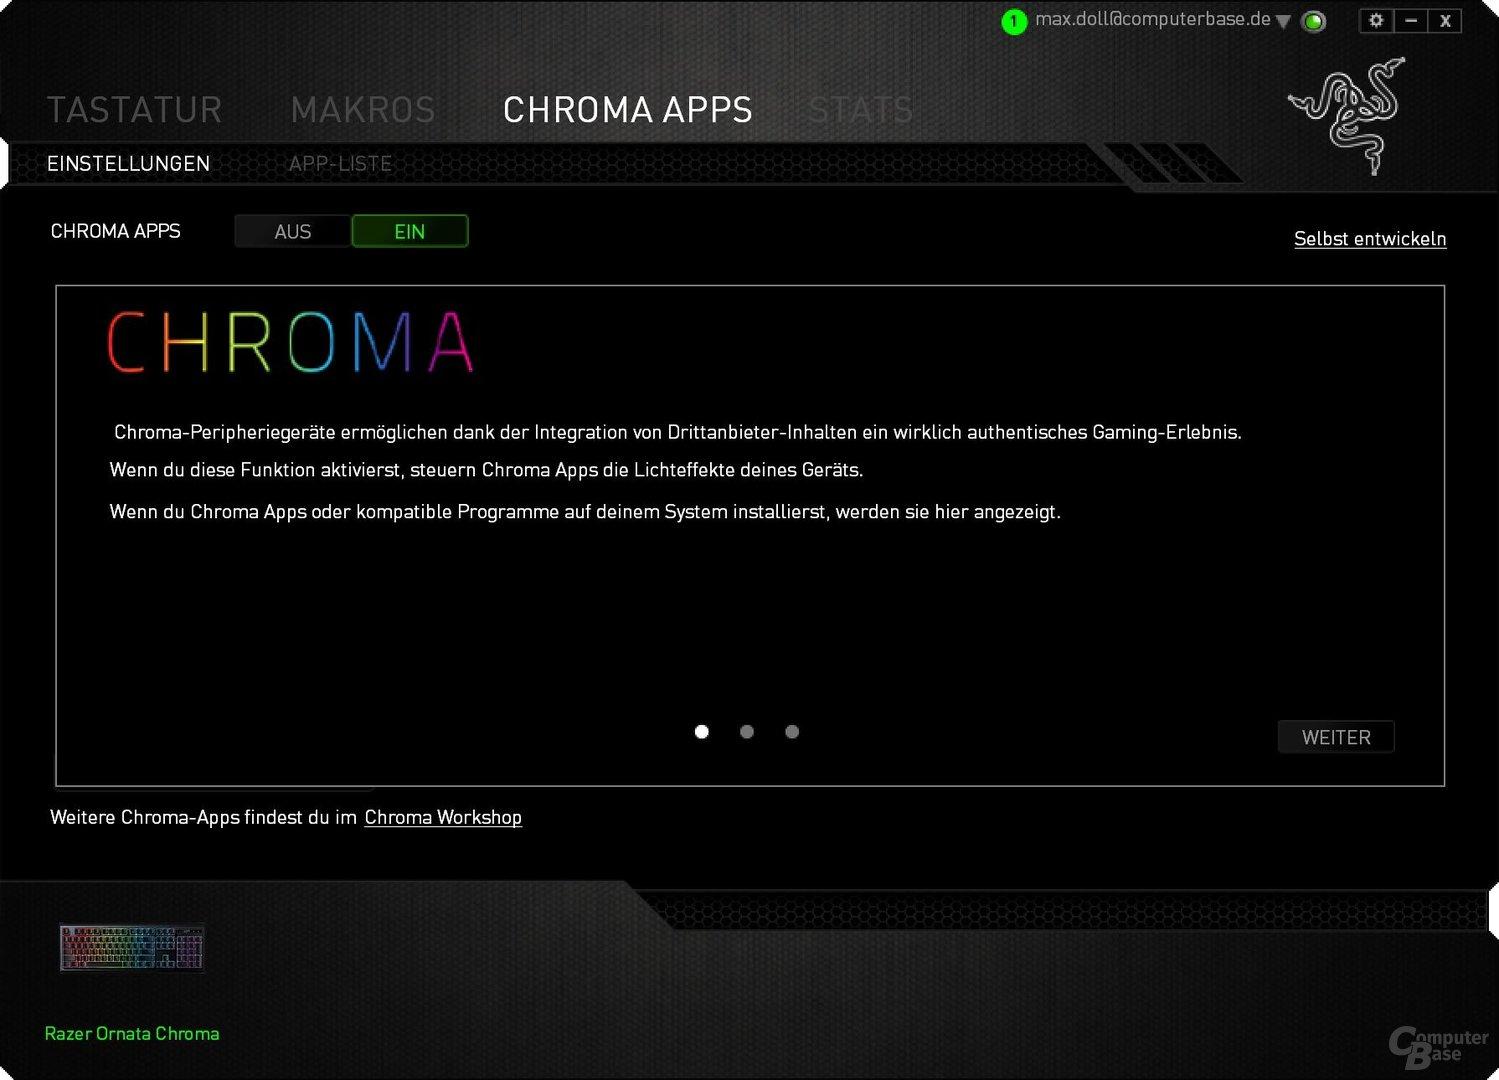 Chroma-Apps sind dünn gesäht